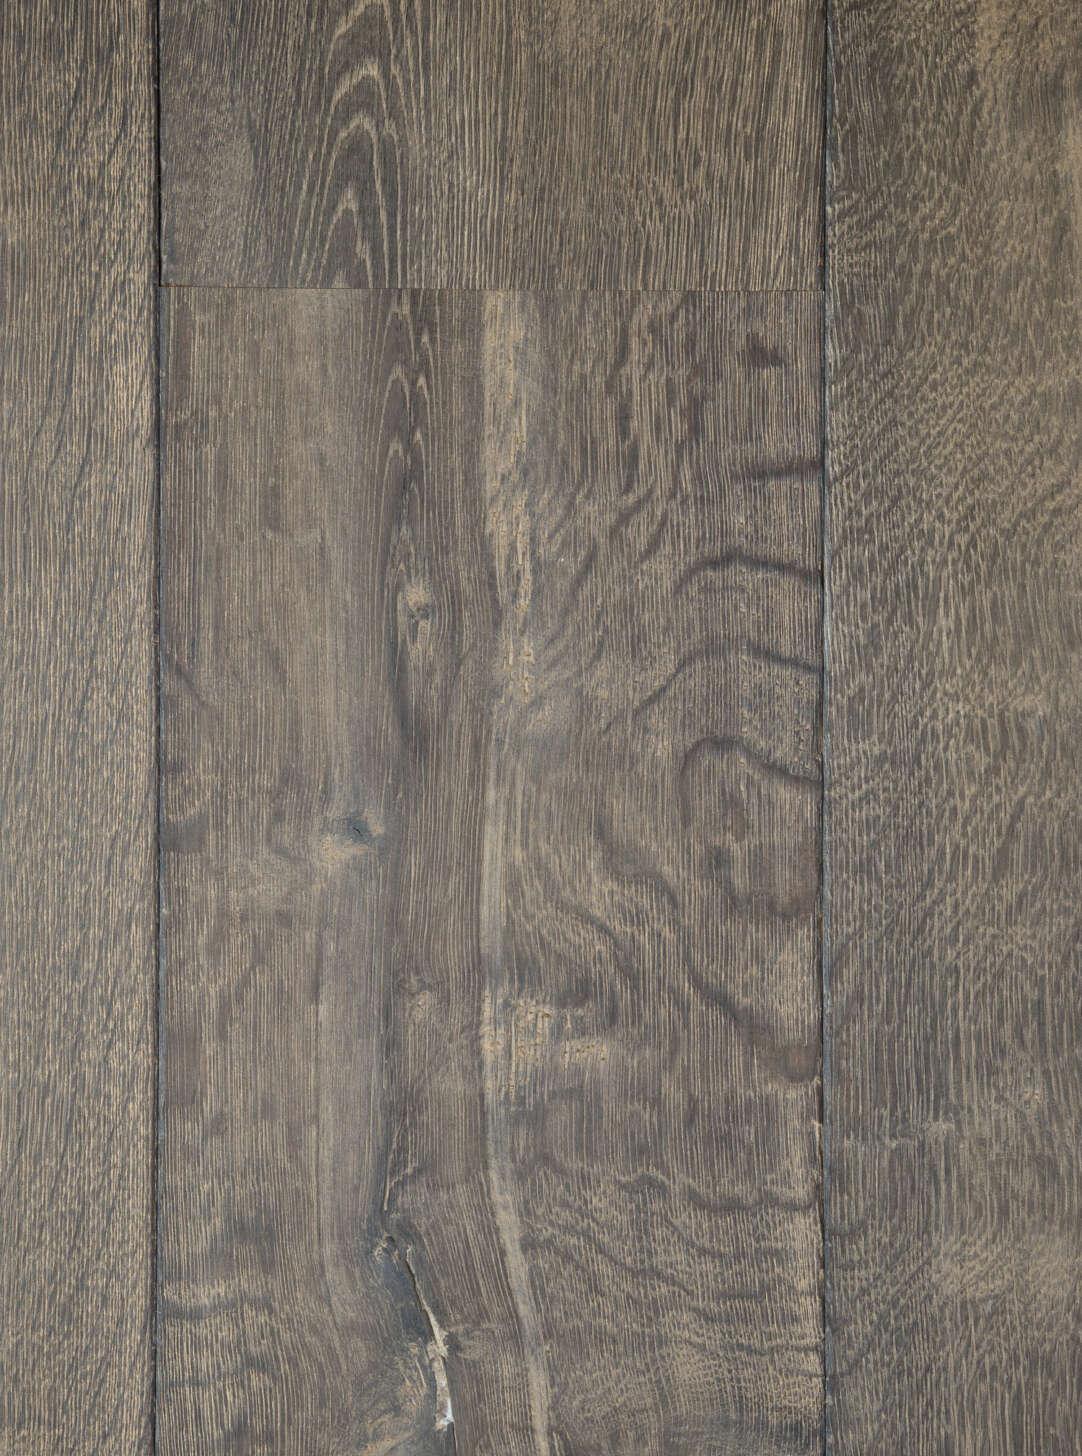 Oak crown york plank